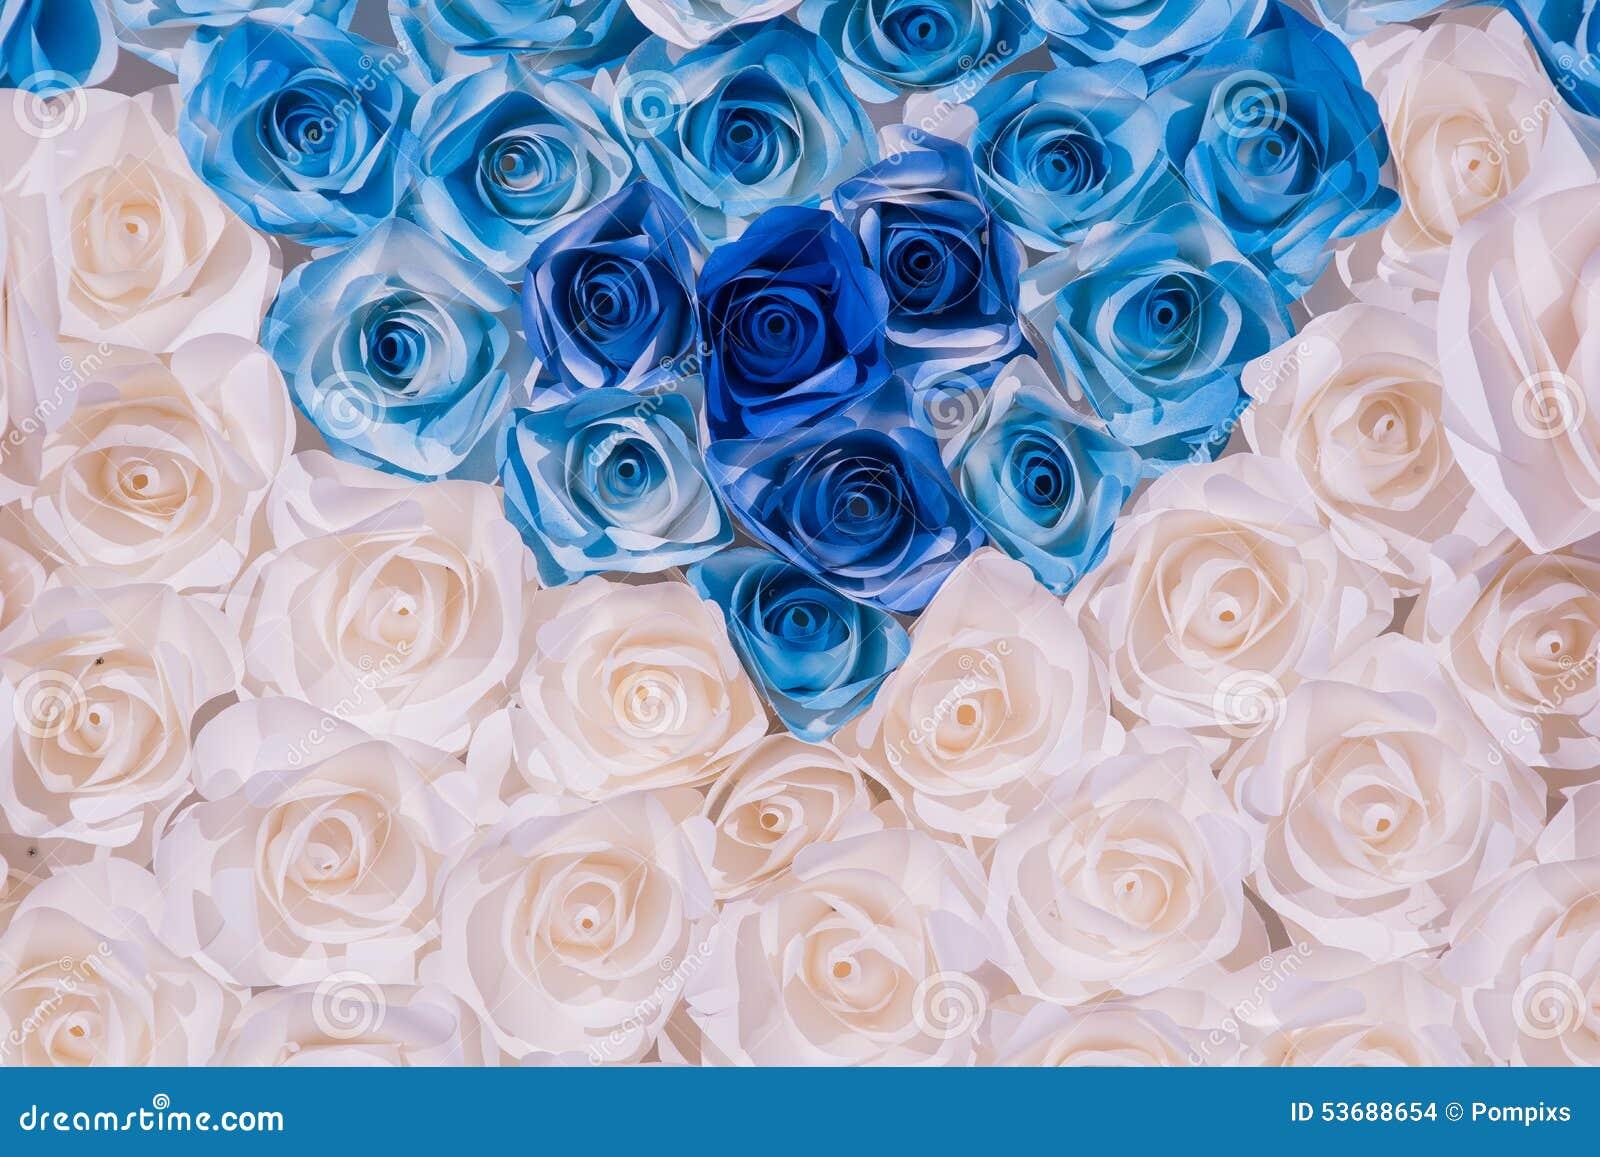 Ζωηρόχρωμος όμορφος αυξήθηκε υπόβαθρο εγγράφου λουλουδιών